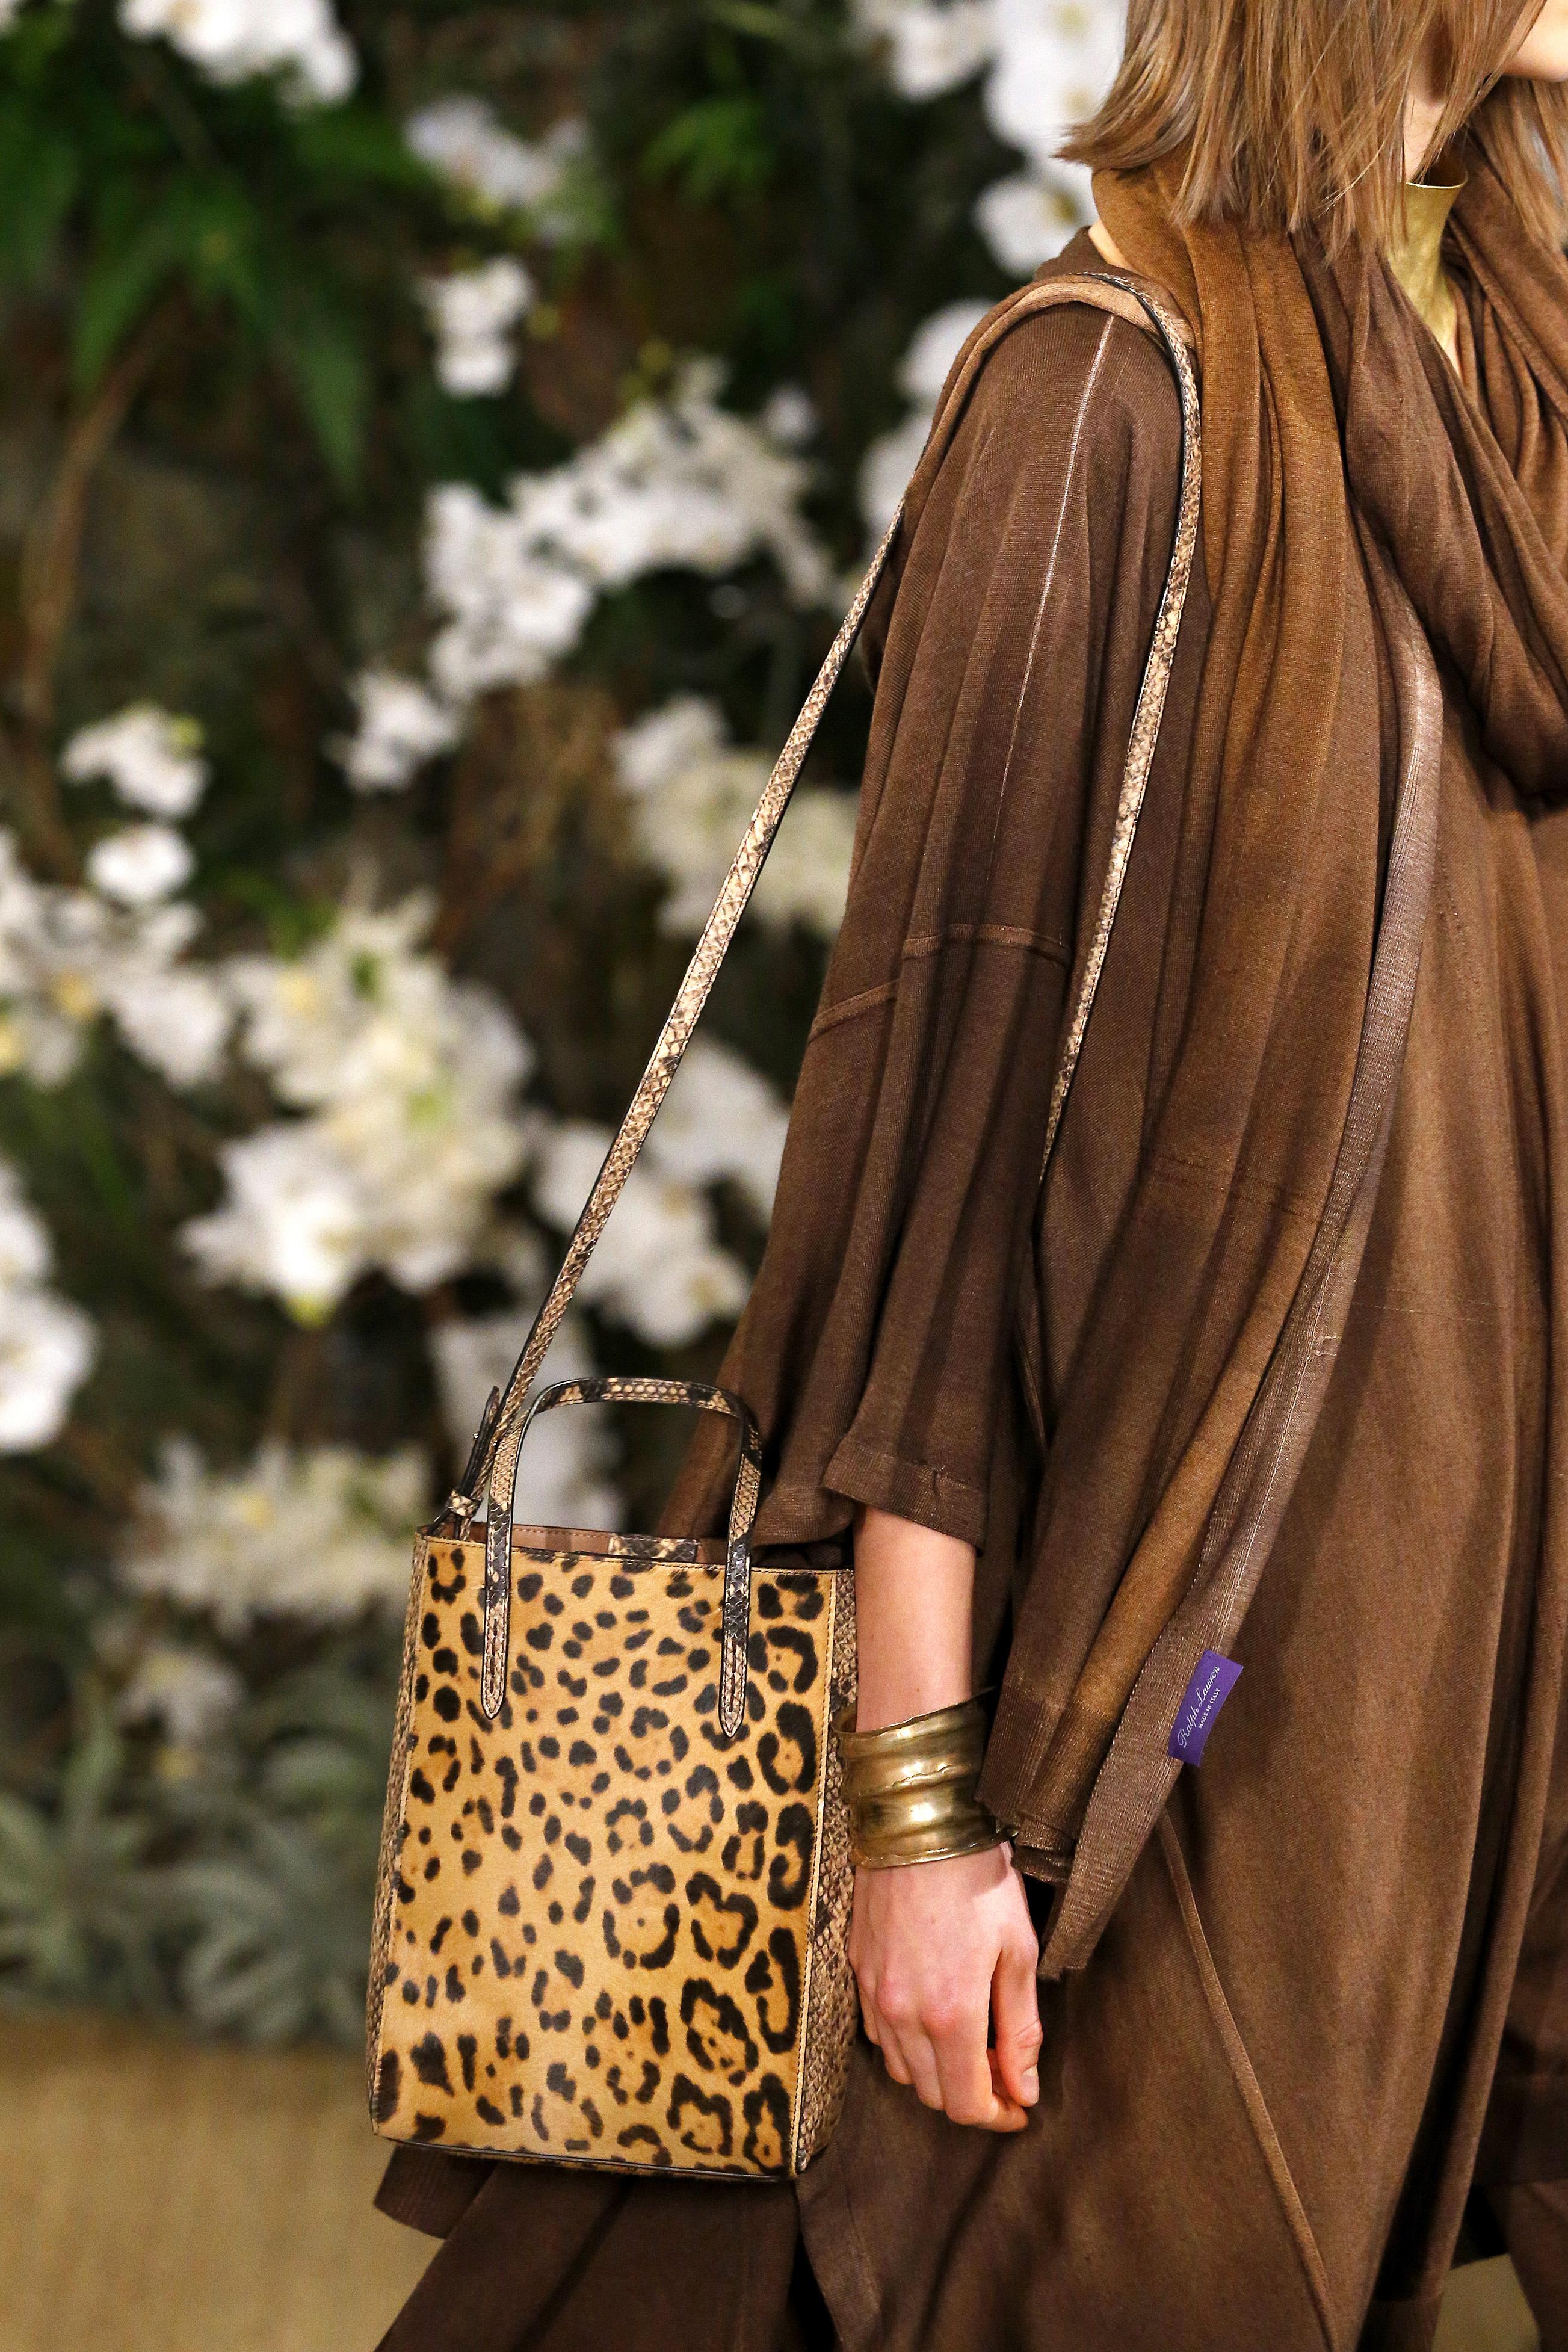 Ralph Lauren - Details - New York Fashion Week Fall/Winter 2017/18